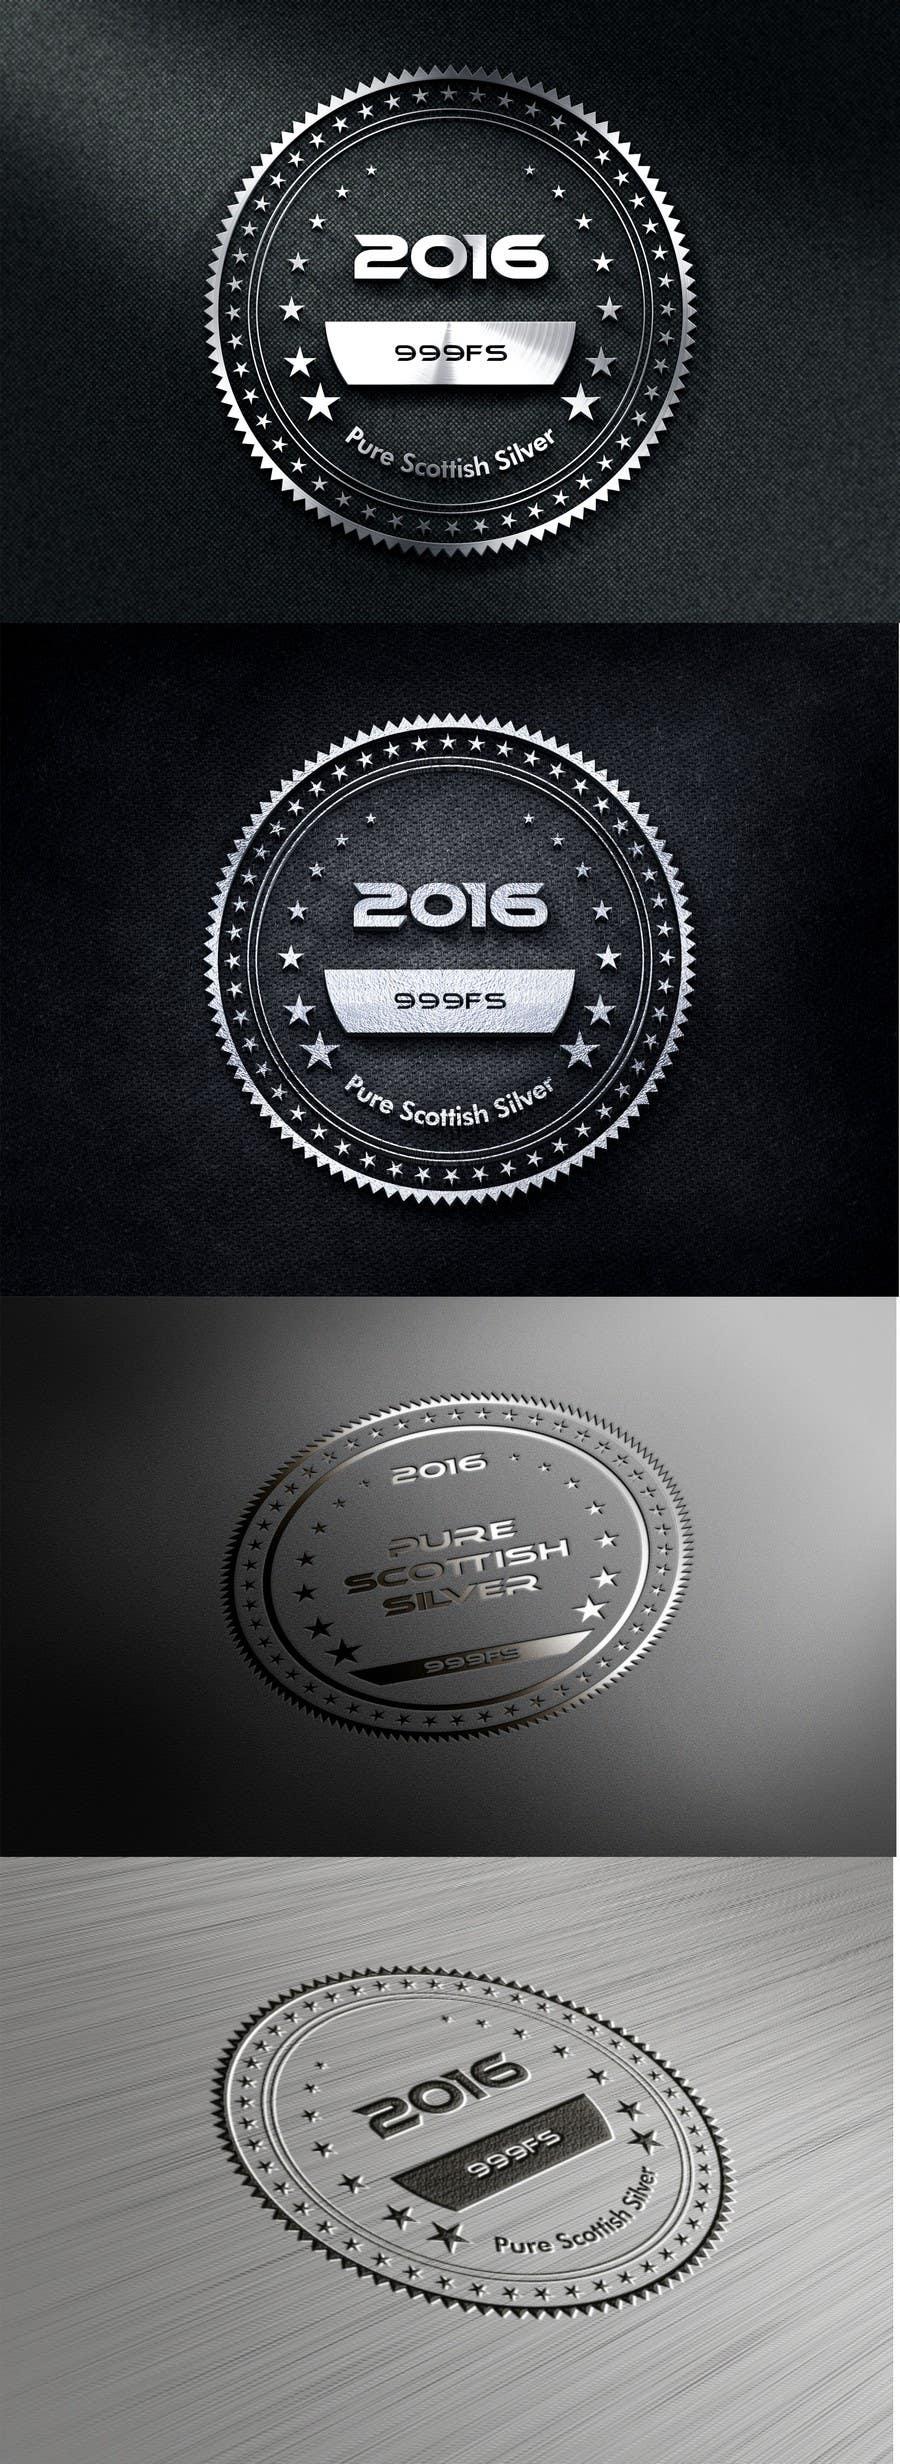 Penyertaan Peraduan #                                        62                                      untuk                                         Design a Logo